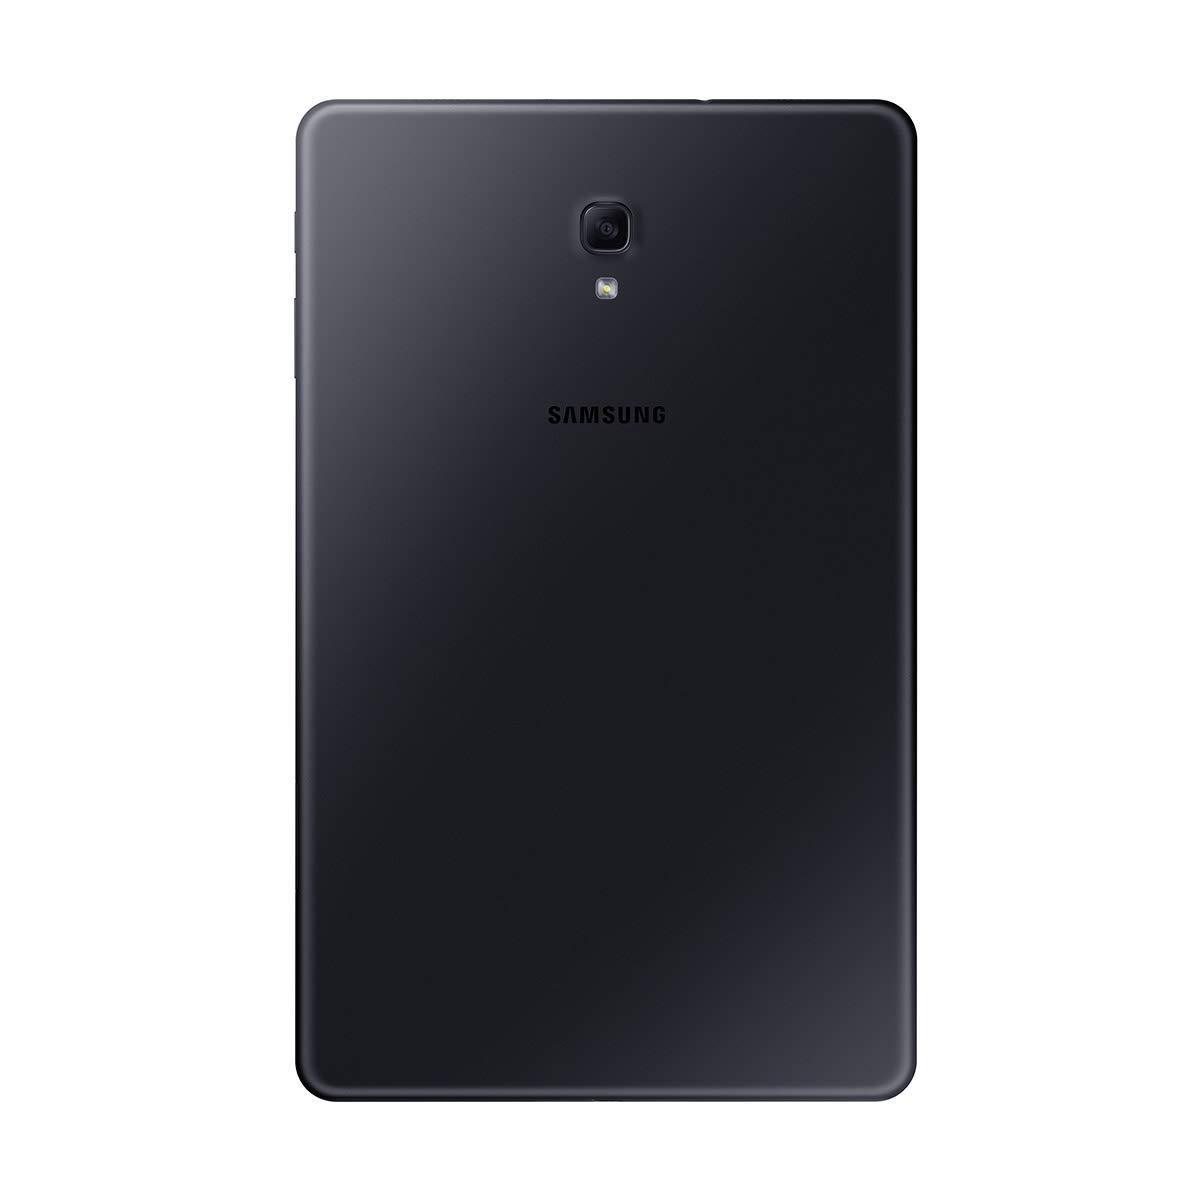 Galaxy Tab A (2018) - WiFi + 4G